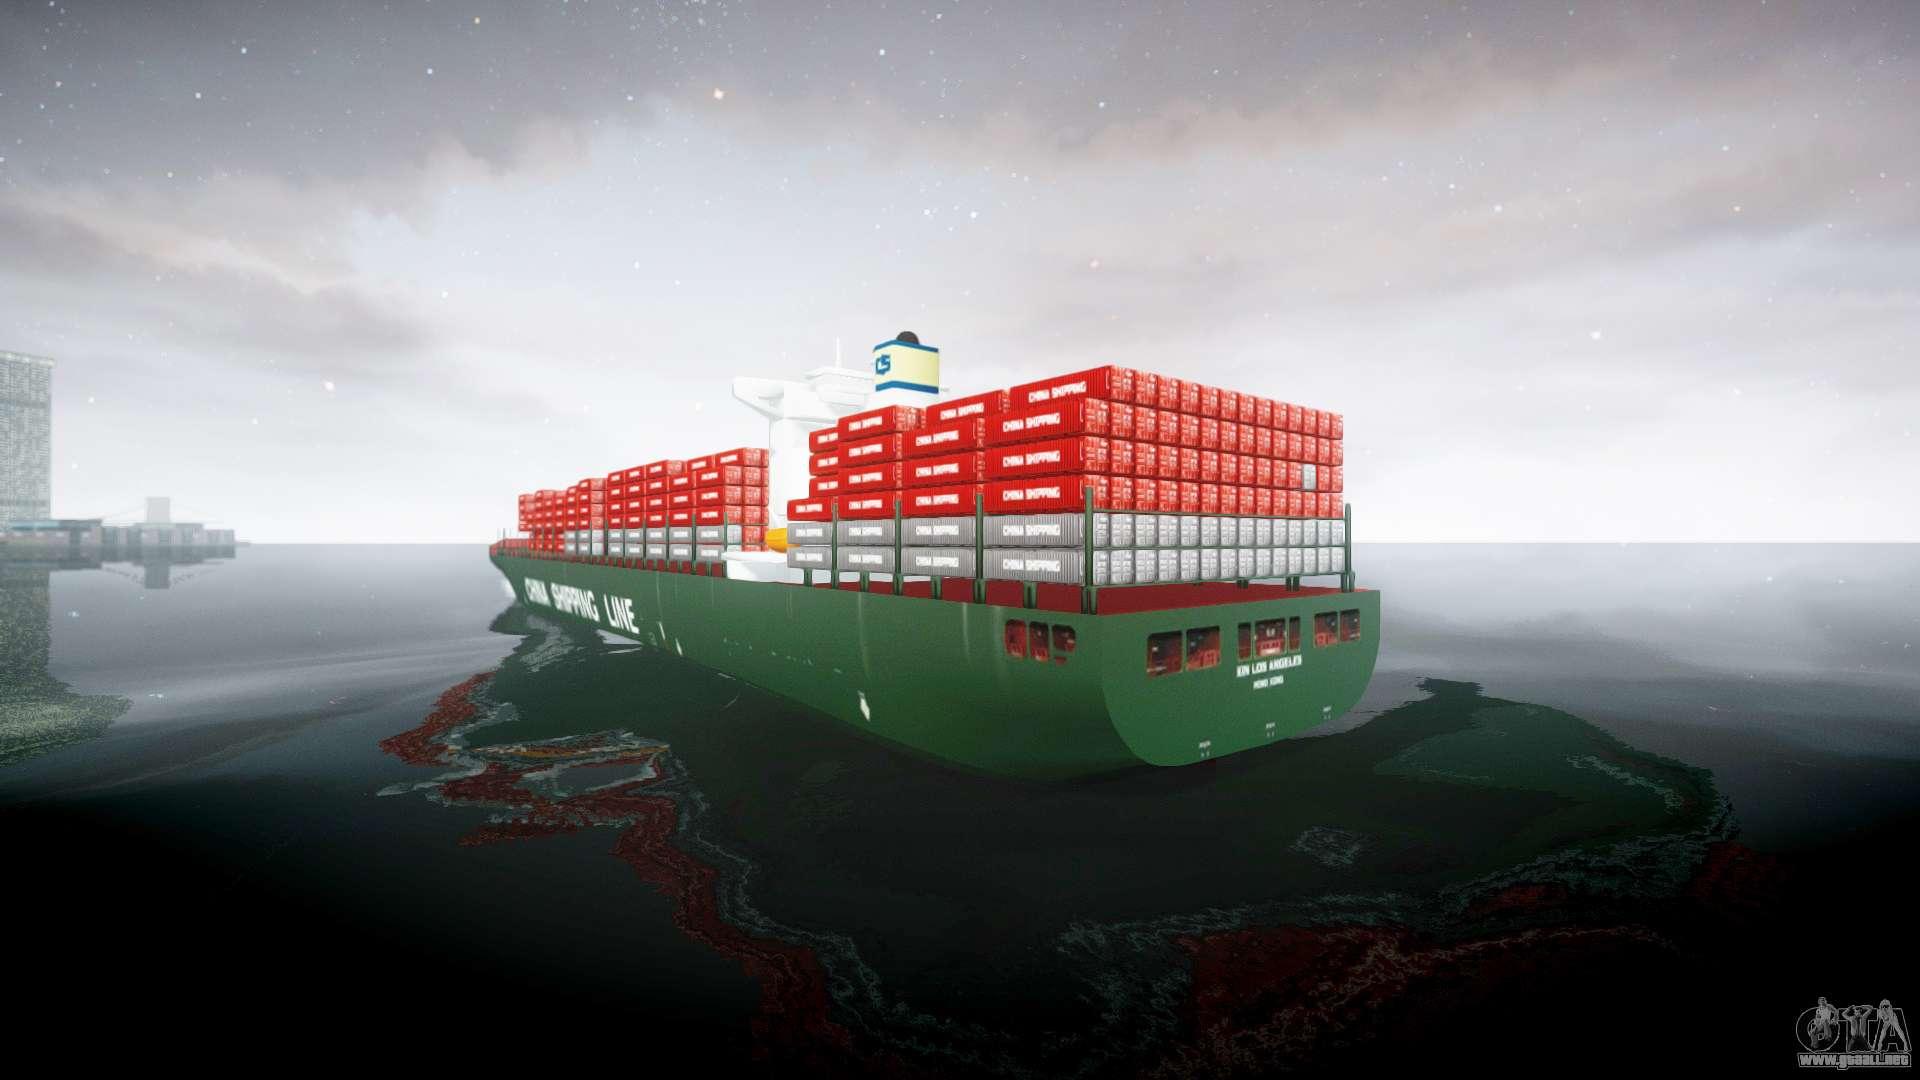 Un barco de contenedores para gta 4 - Contenedores de barco ...